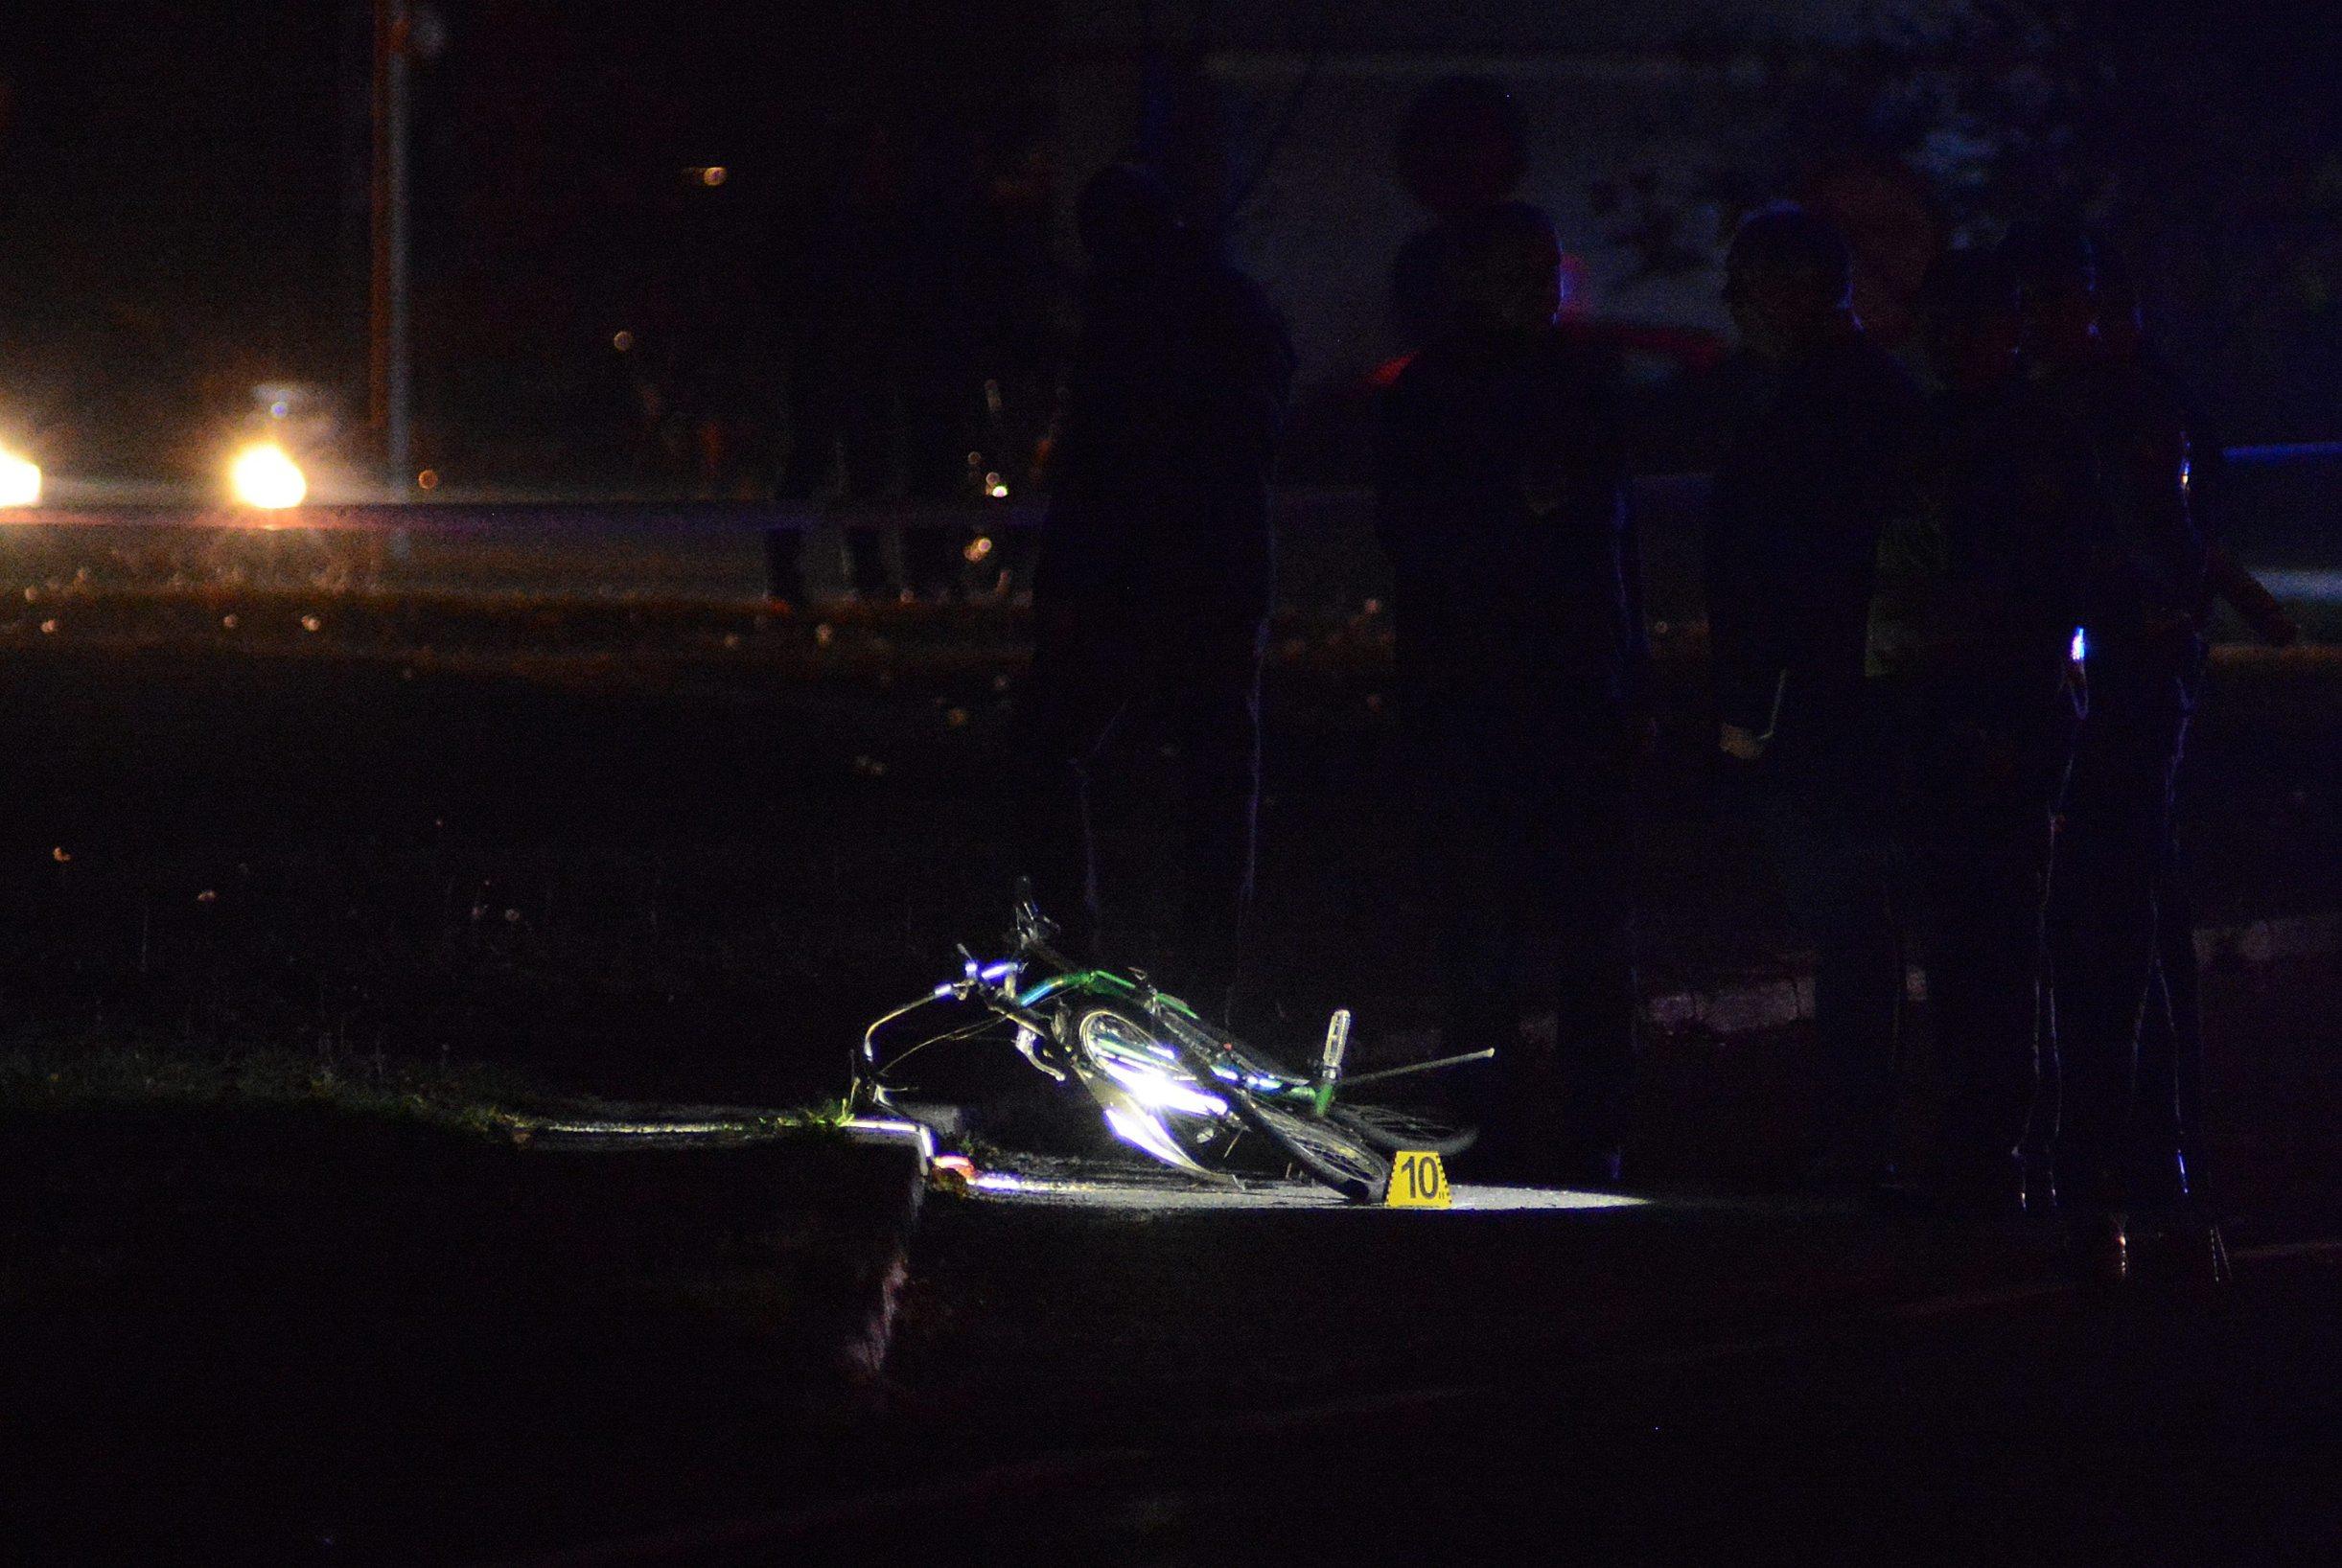 Duga Resa, 211019. Veceras oko 20,25 sati u Duga Resi doslo je do naleta osobnog automobila na biciklista. Biciklist je preminuo na mjestu dogadjaja, a zbog vrsenja ocevida za sav promet je zatvorena DC-3. Na fotografiji: Mjesto nesrece. Foto: Robert Fajt / CROPIX